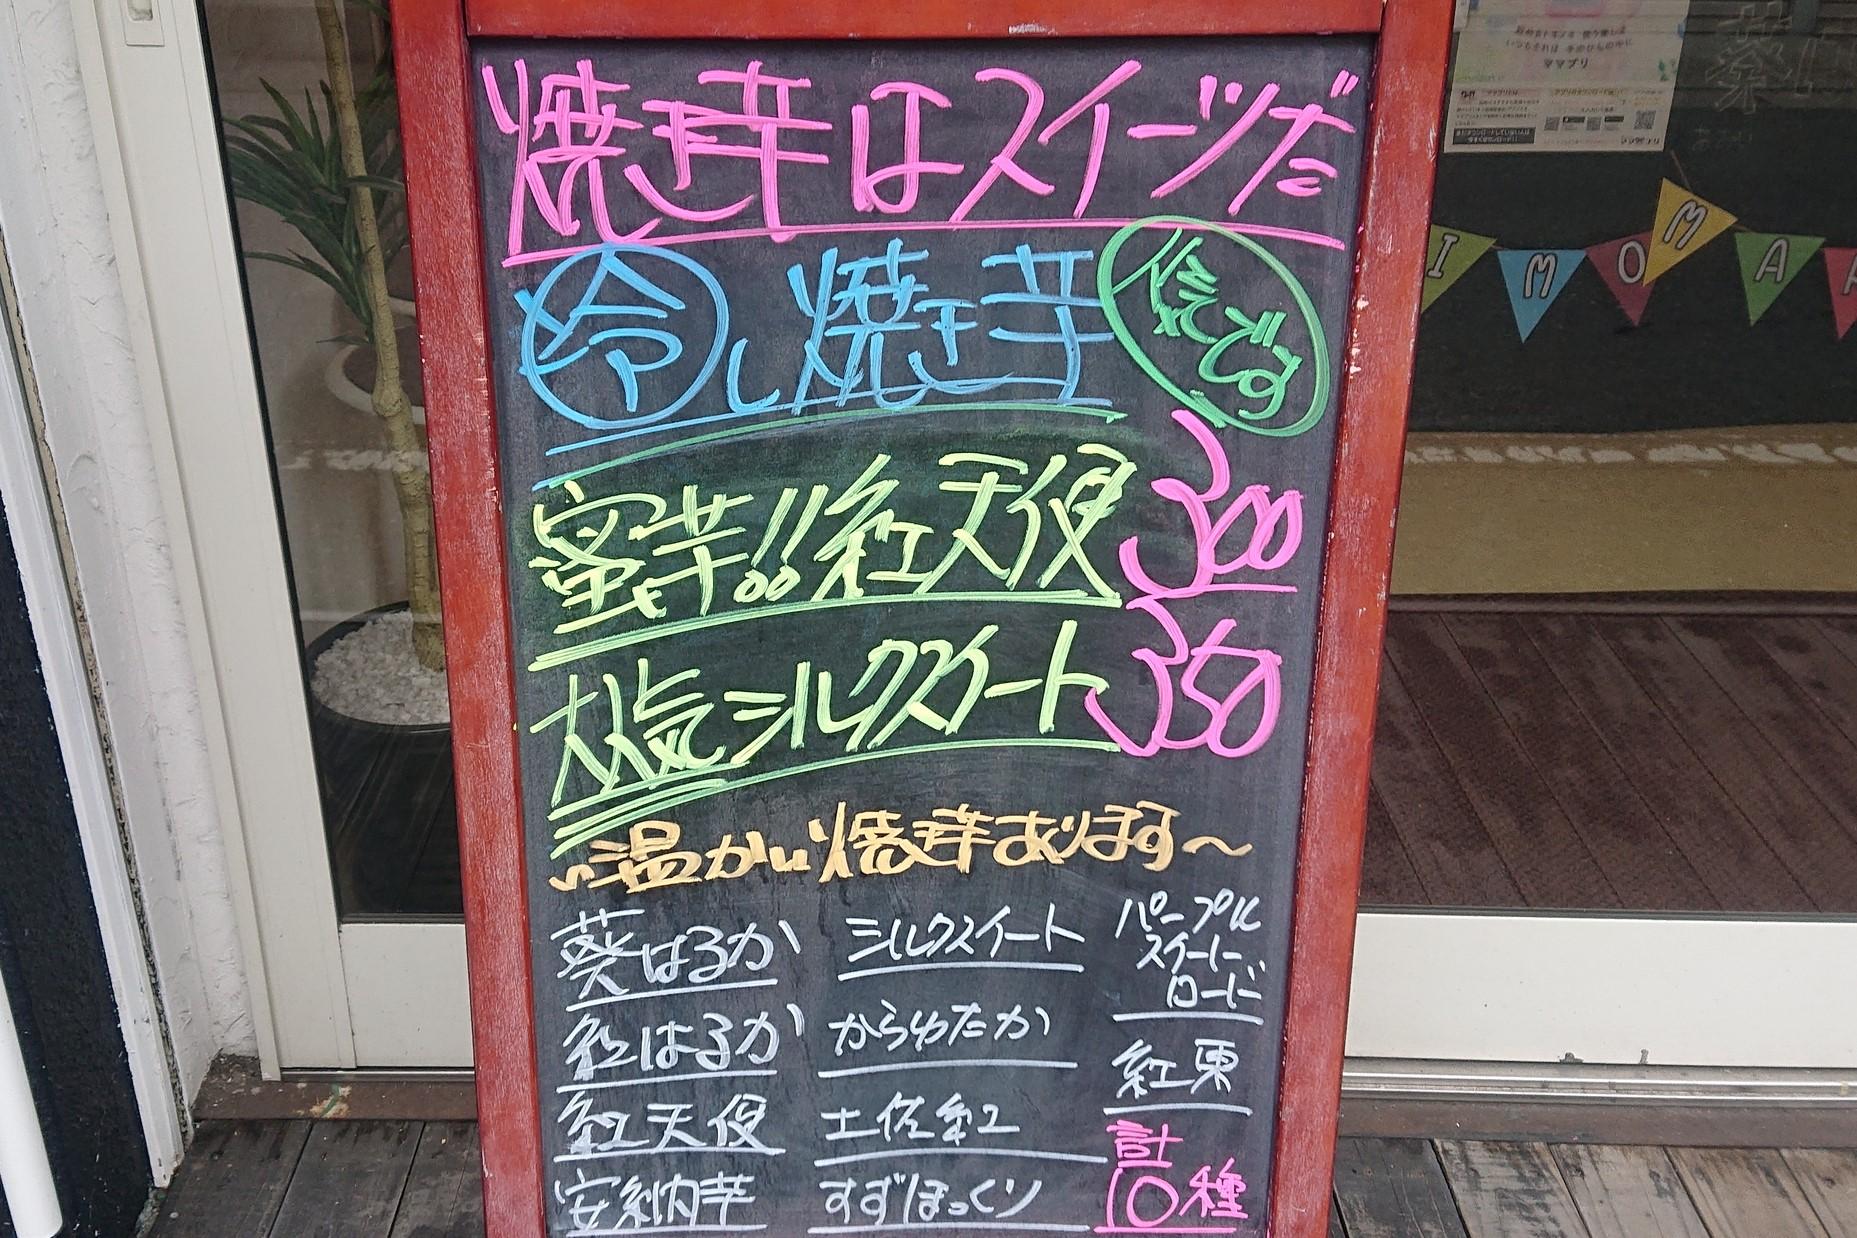 石焼き芋専門店 まるわ商店のメニュー